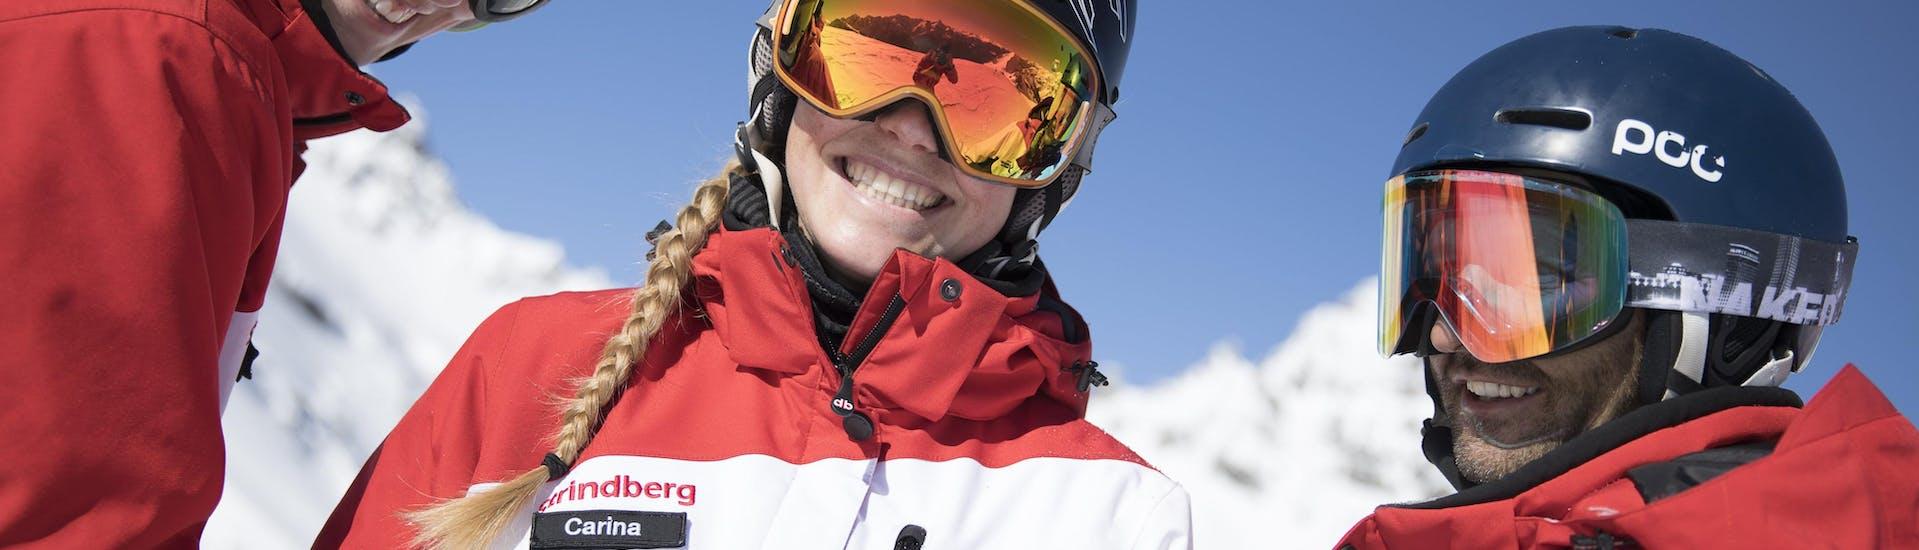 Snowboardkurs (ab 9 Jahren) für Anfänger